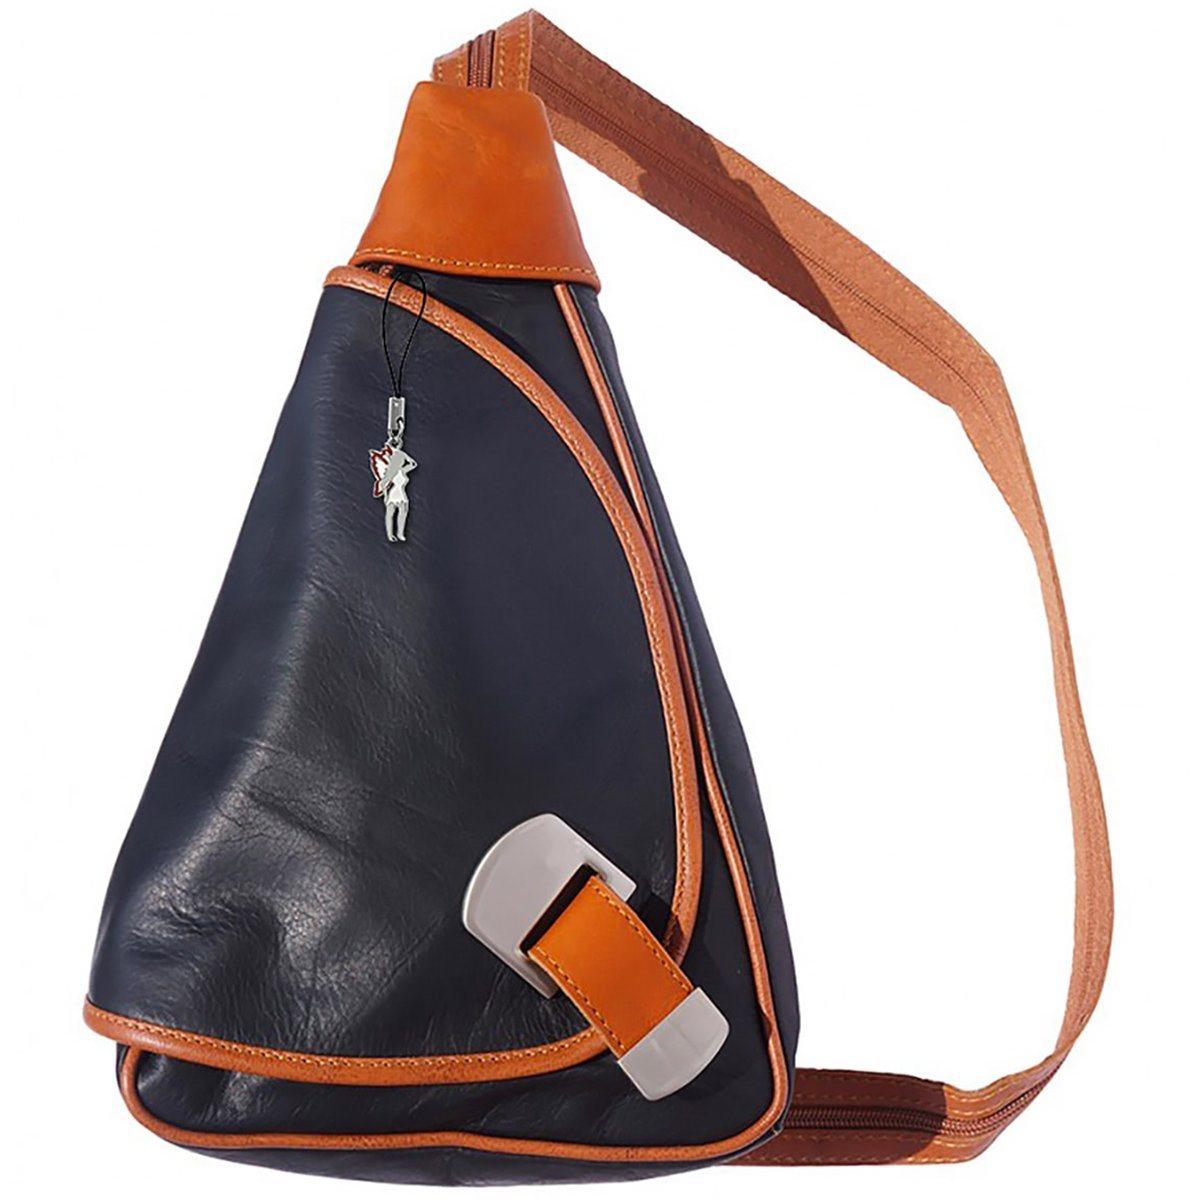 florence -  Cityrucksack »OTF600X  Damen Rucksack Schultertasche«, Damen Rucksack, Tasche, Echtleder schwarz, braun